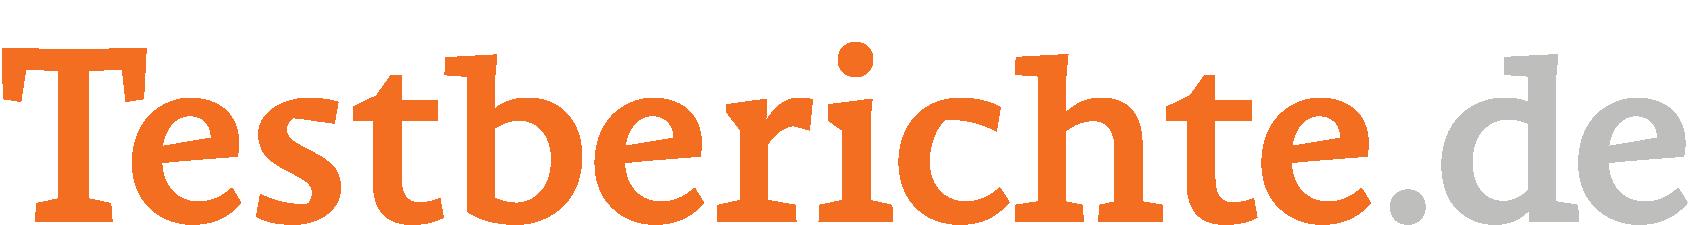 testberichte.de Logo (Quelle: testberichte.de)